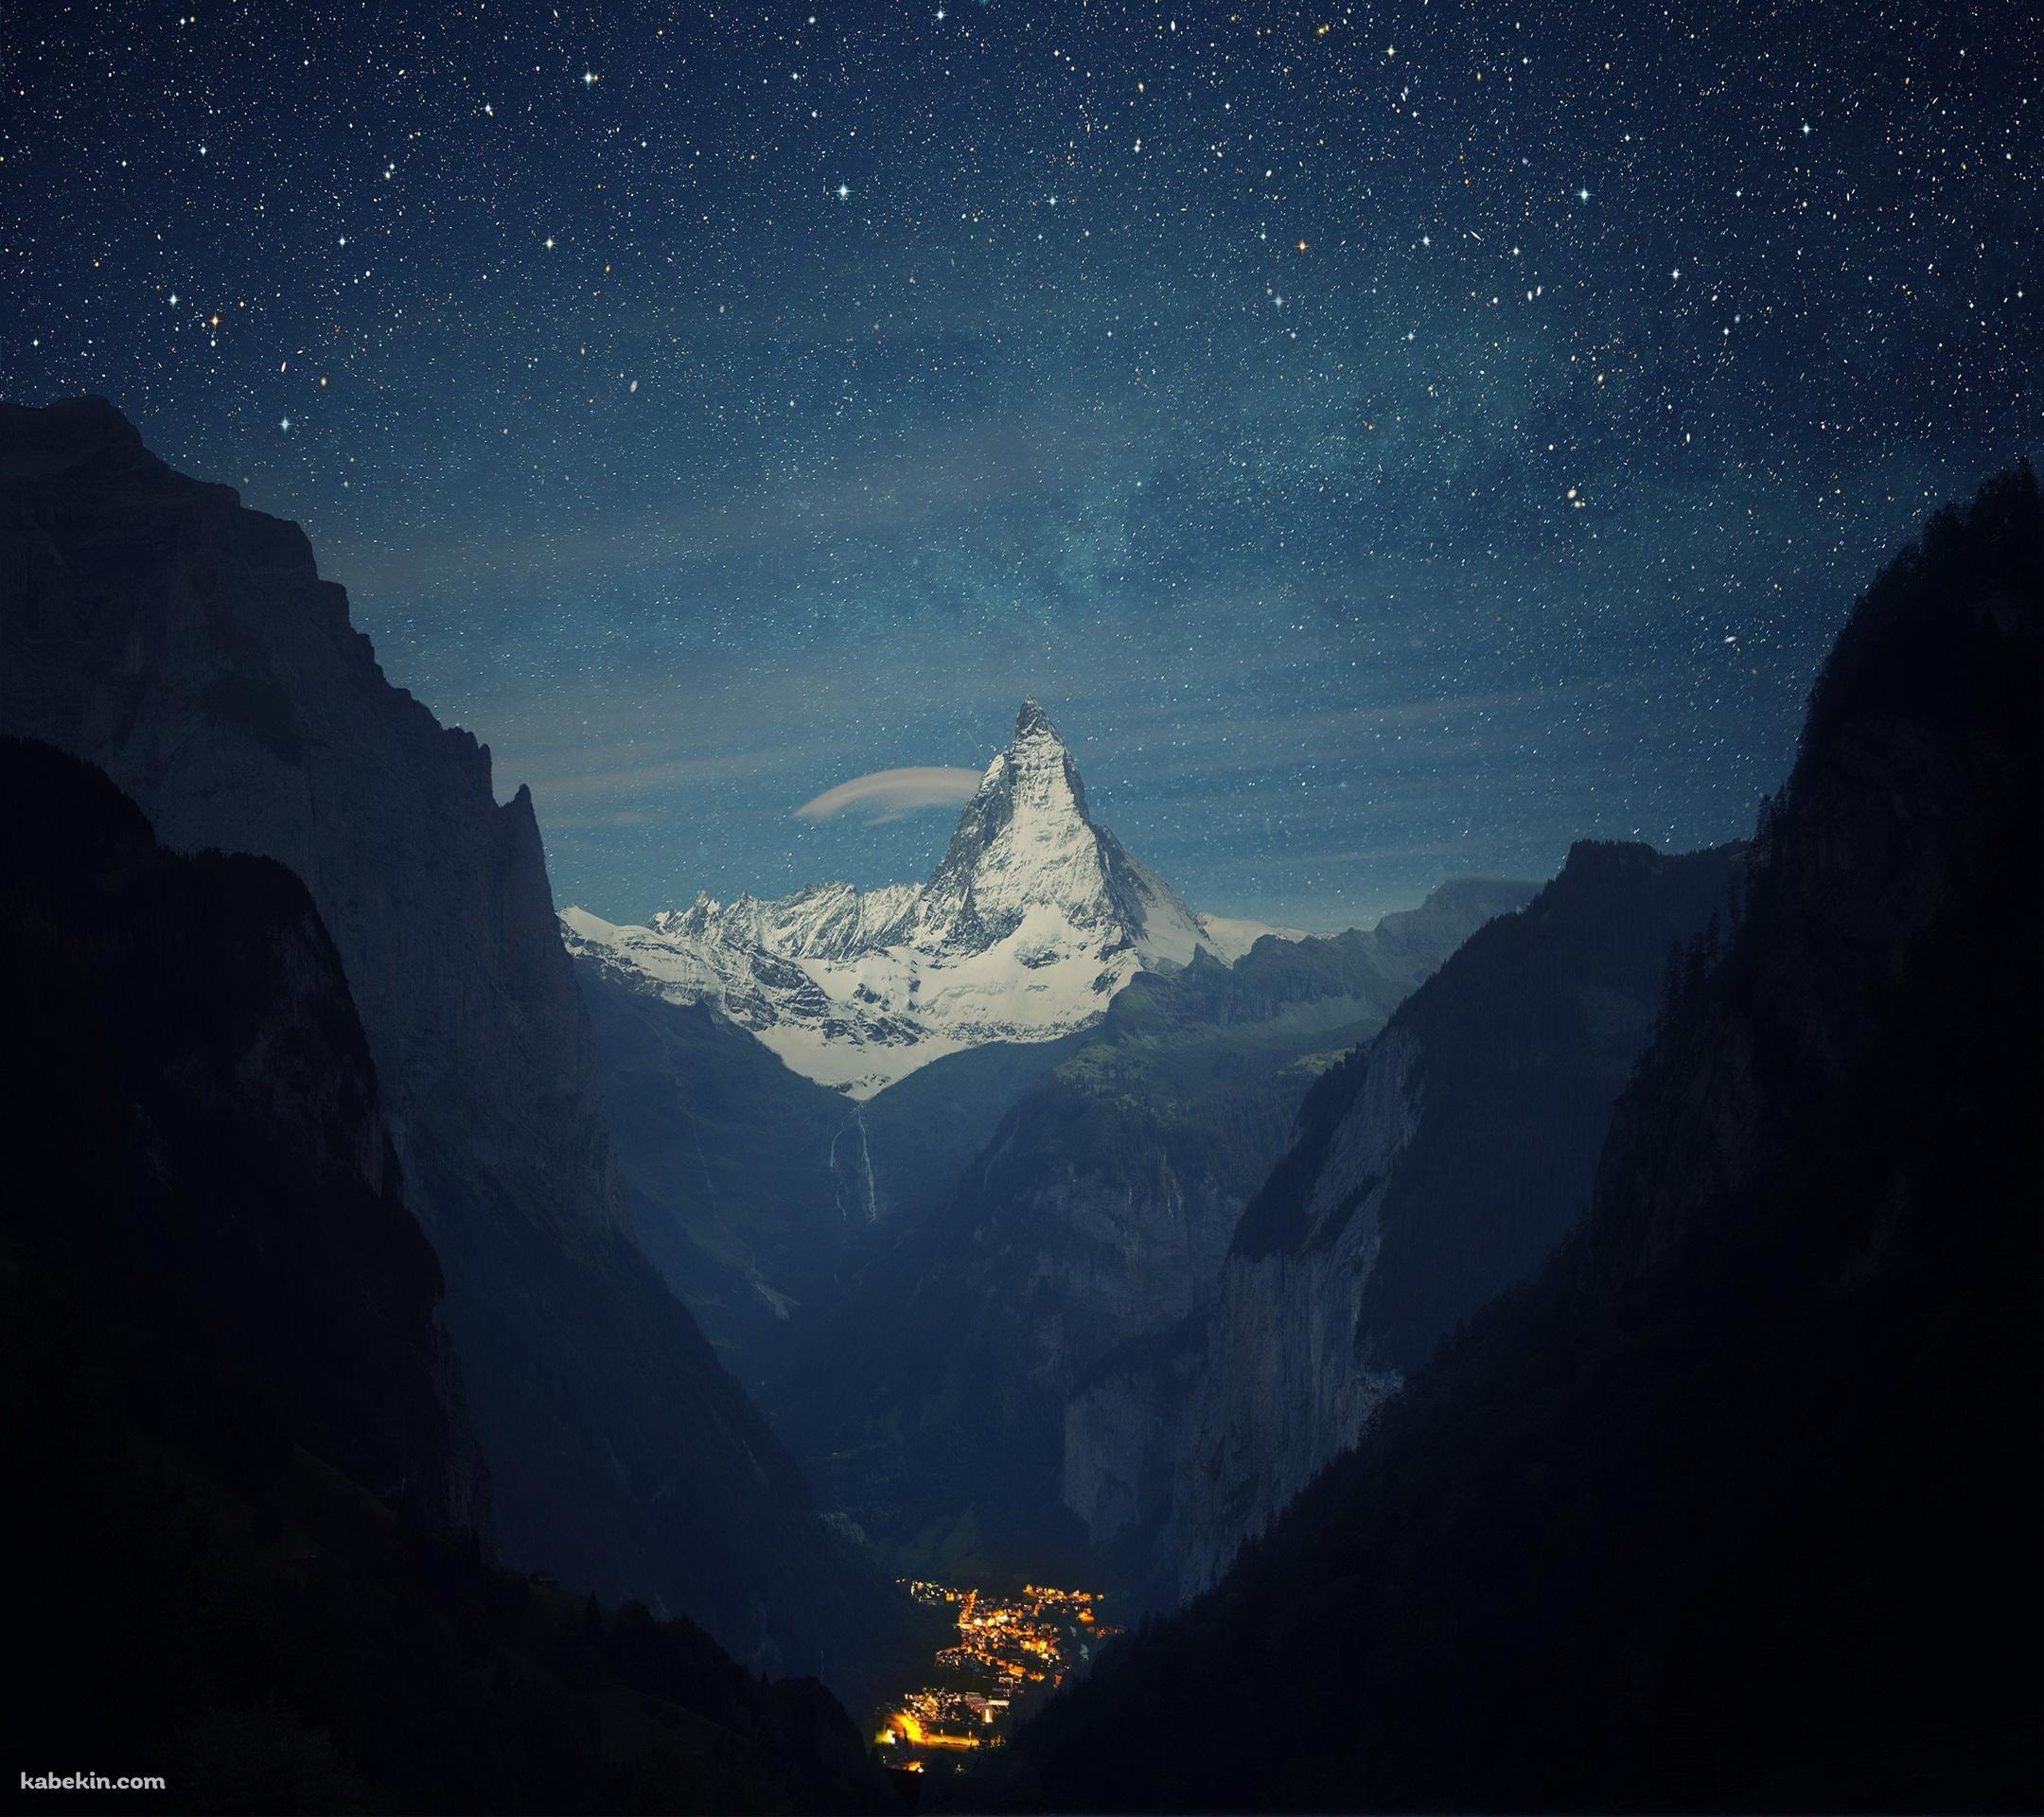 山が望める景観のandroid壁紙 2160 X 19 壁紙キングダム スマホ版